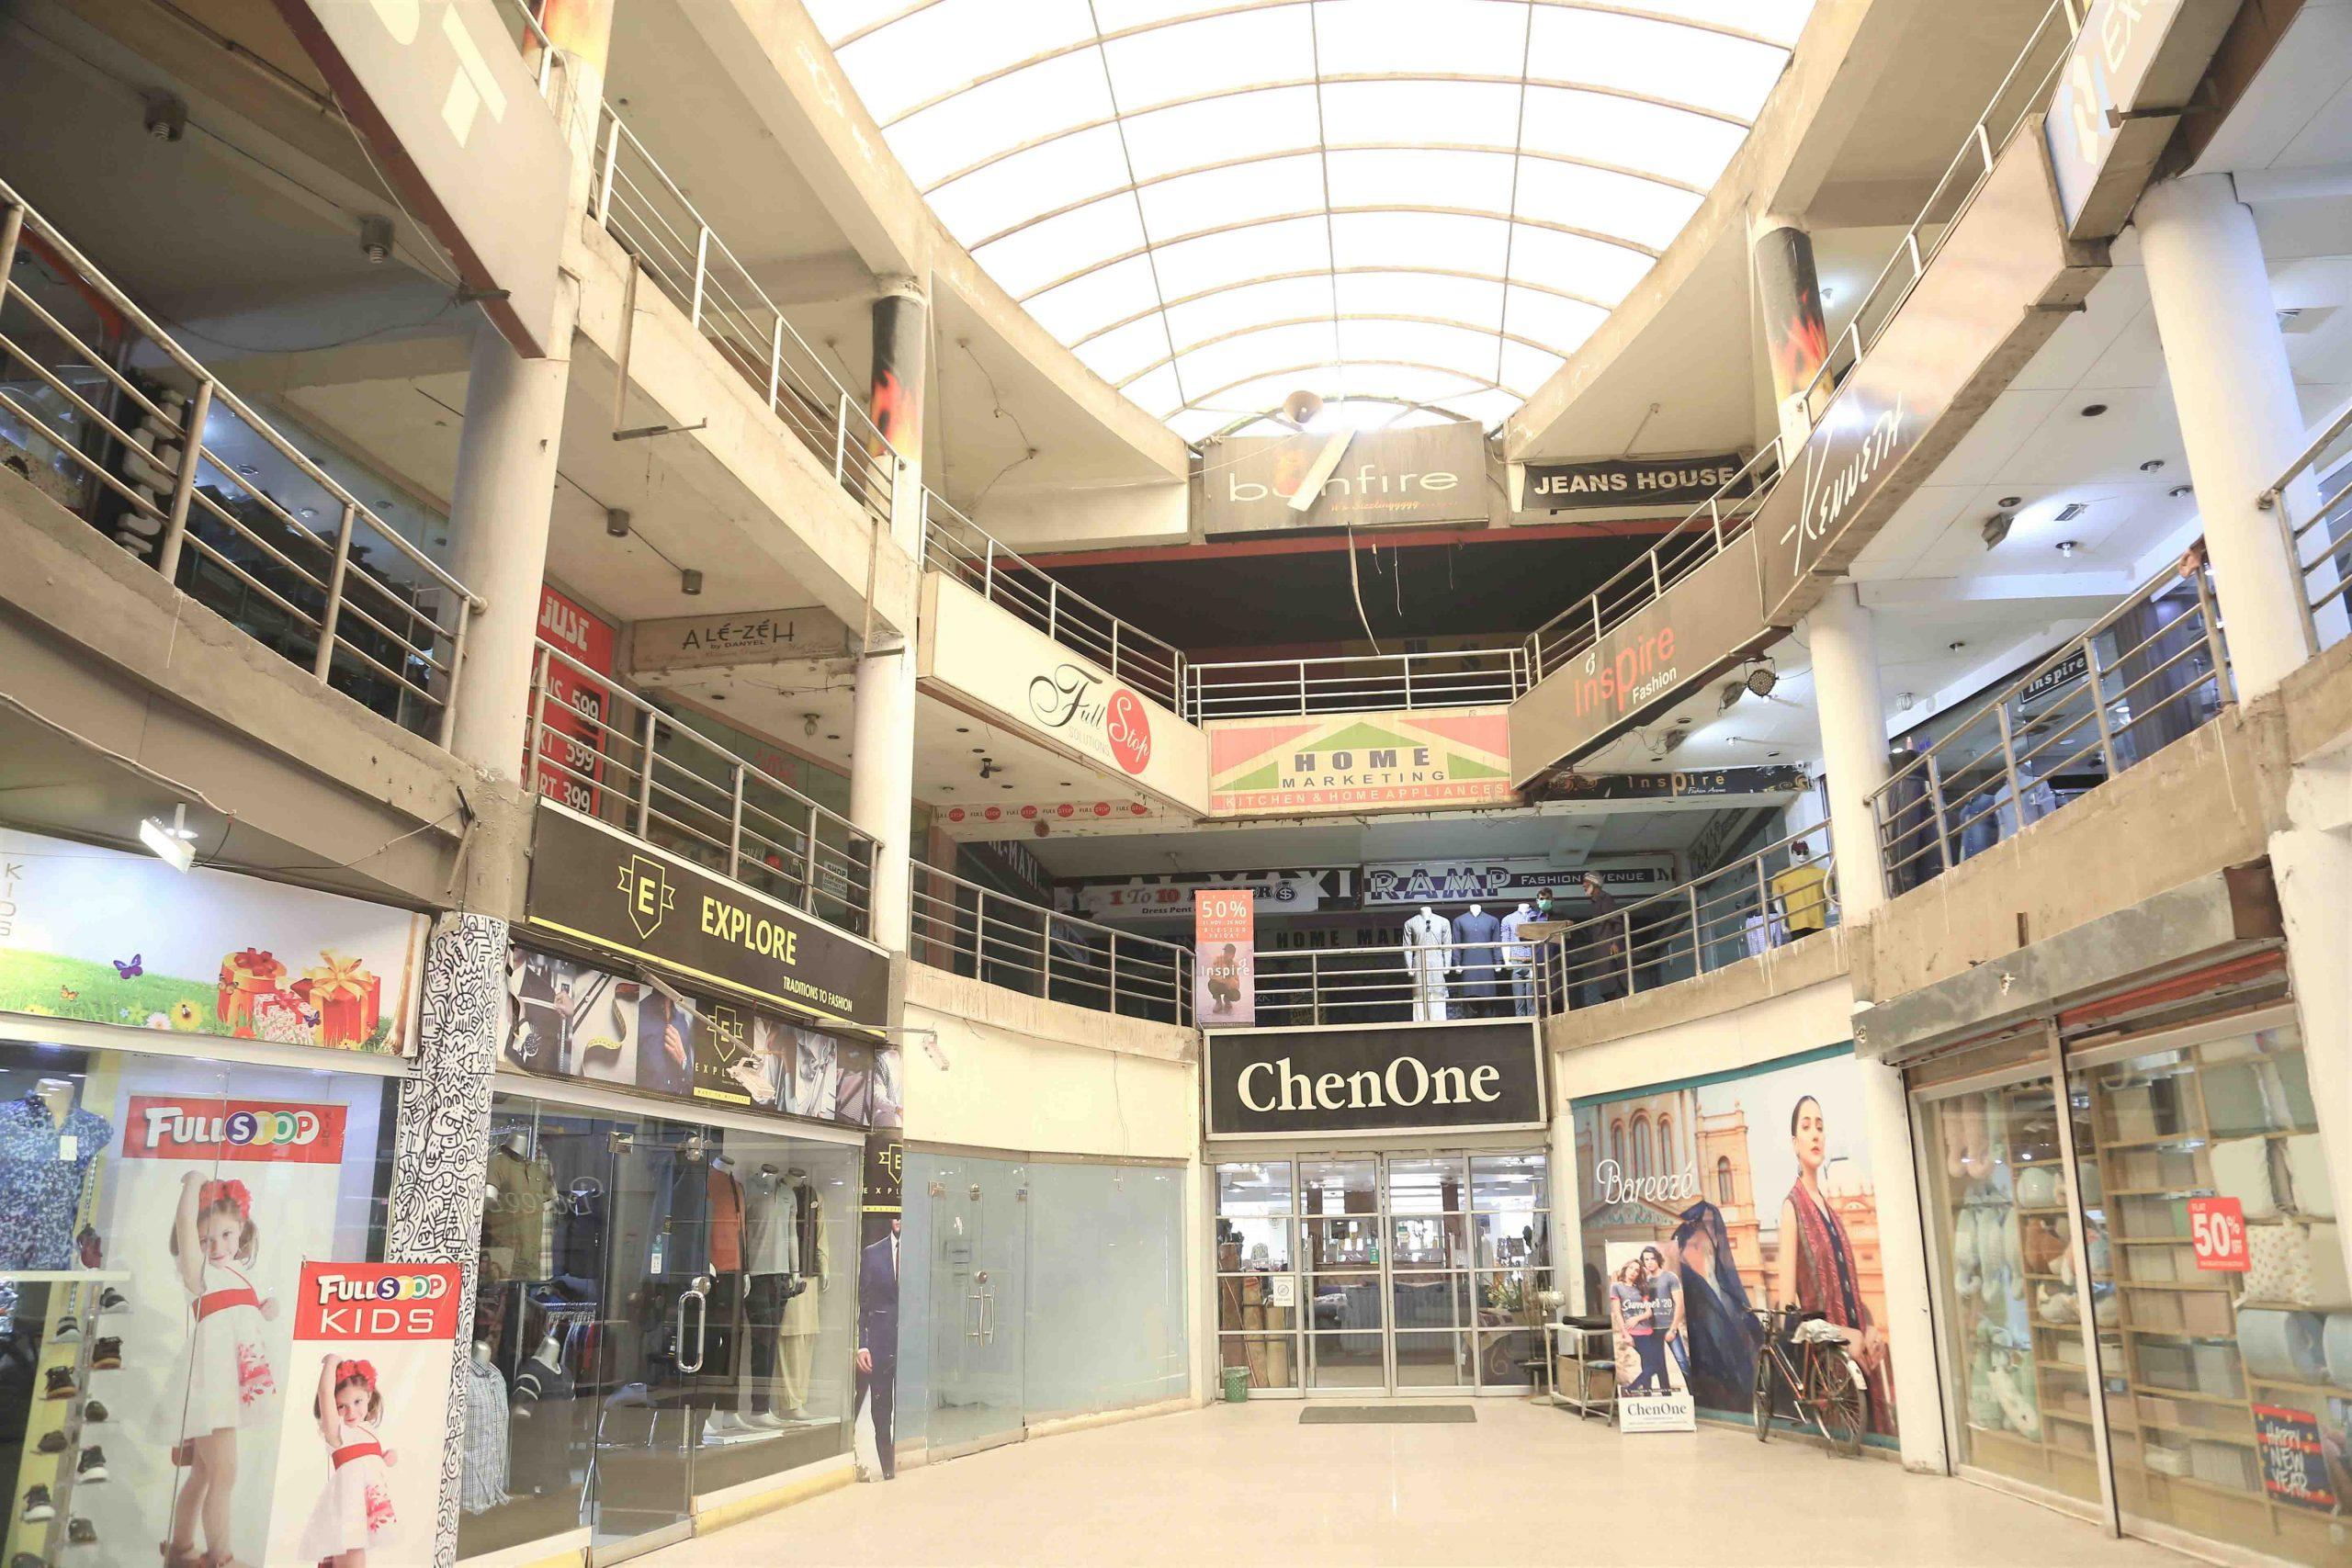 Zarkon Plaza 2 Saddar Rawalpindi Interior Views - FAH33M (5) - Q-L0-BO